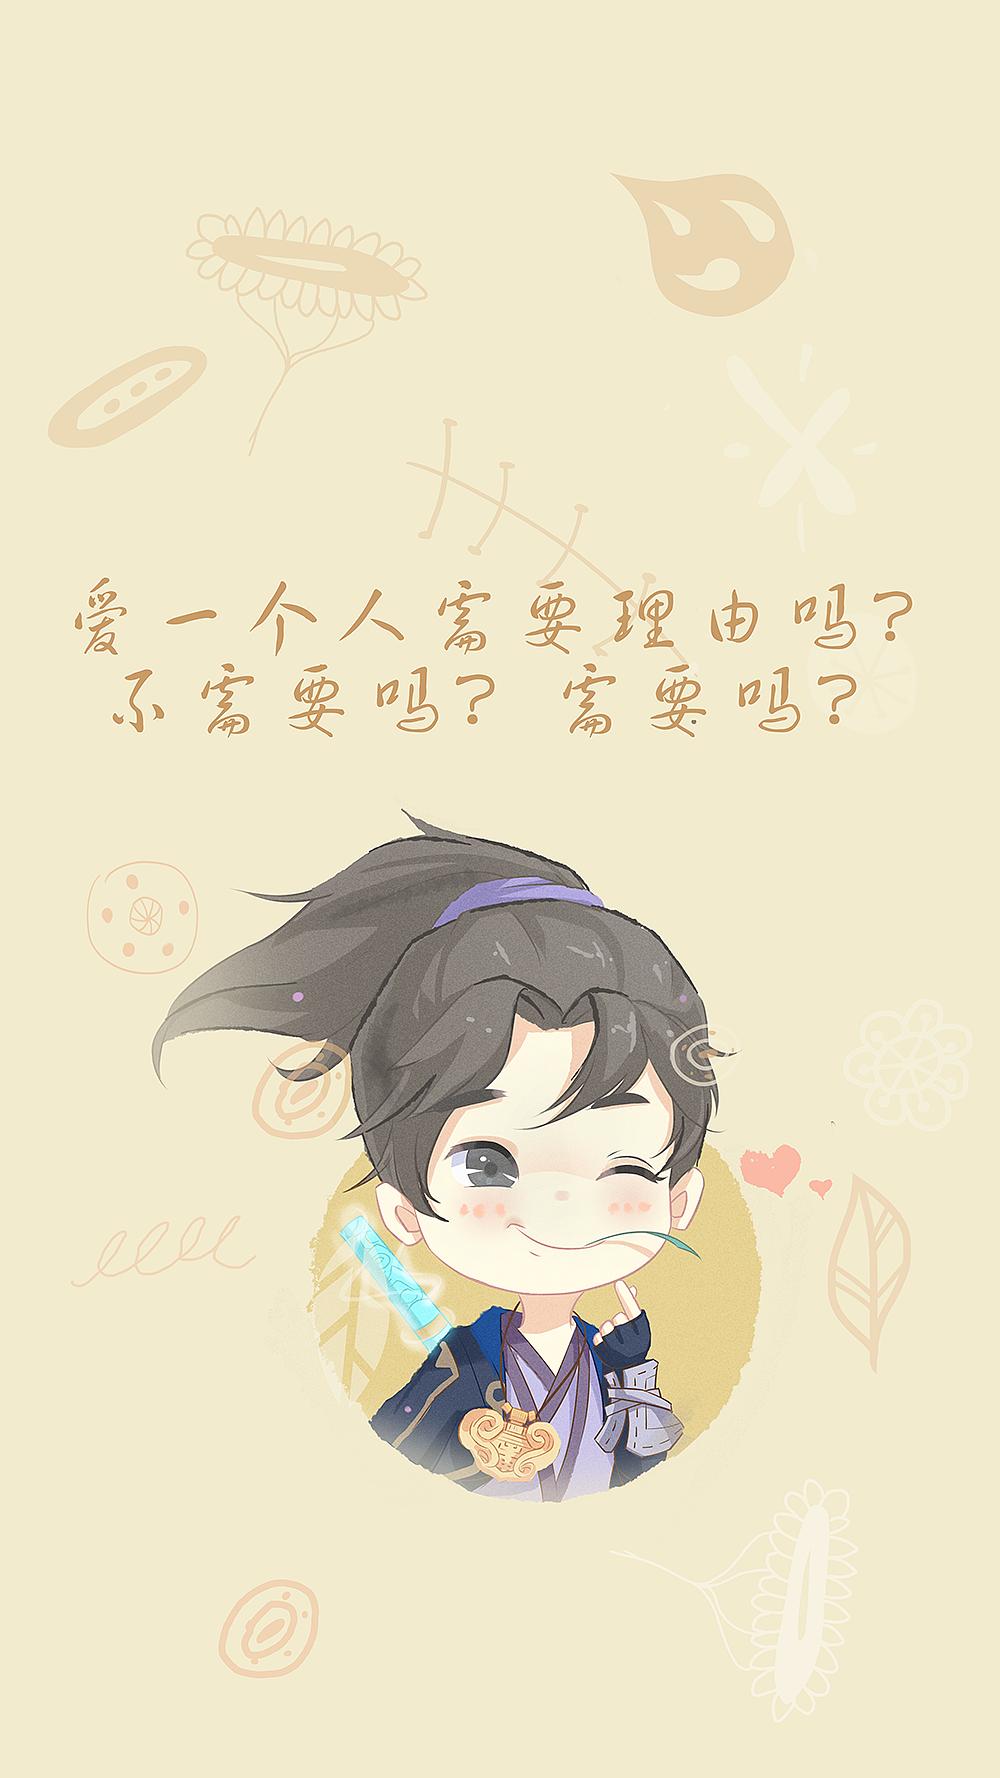 王者荣耀至尊宝和紫霞仙子的q版壁纸【墨非凡画坊】